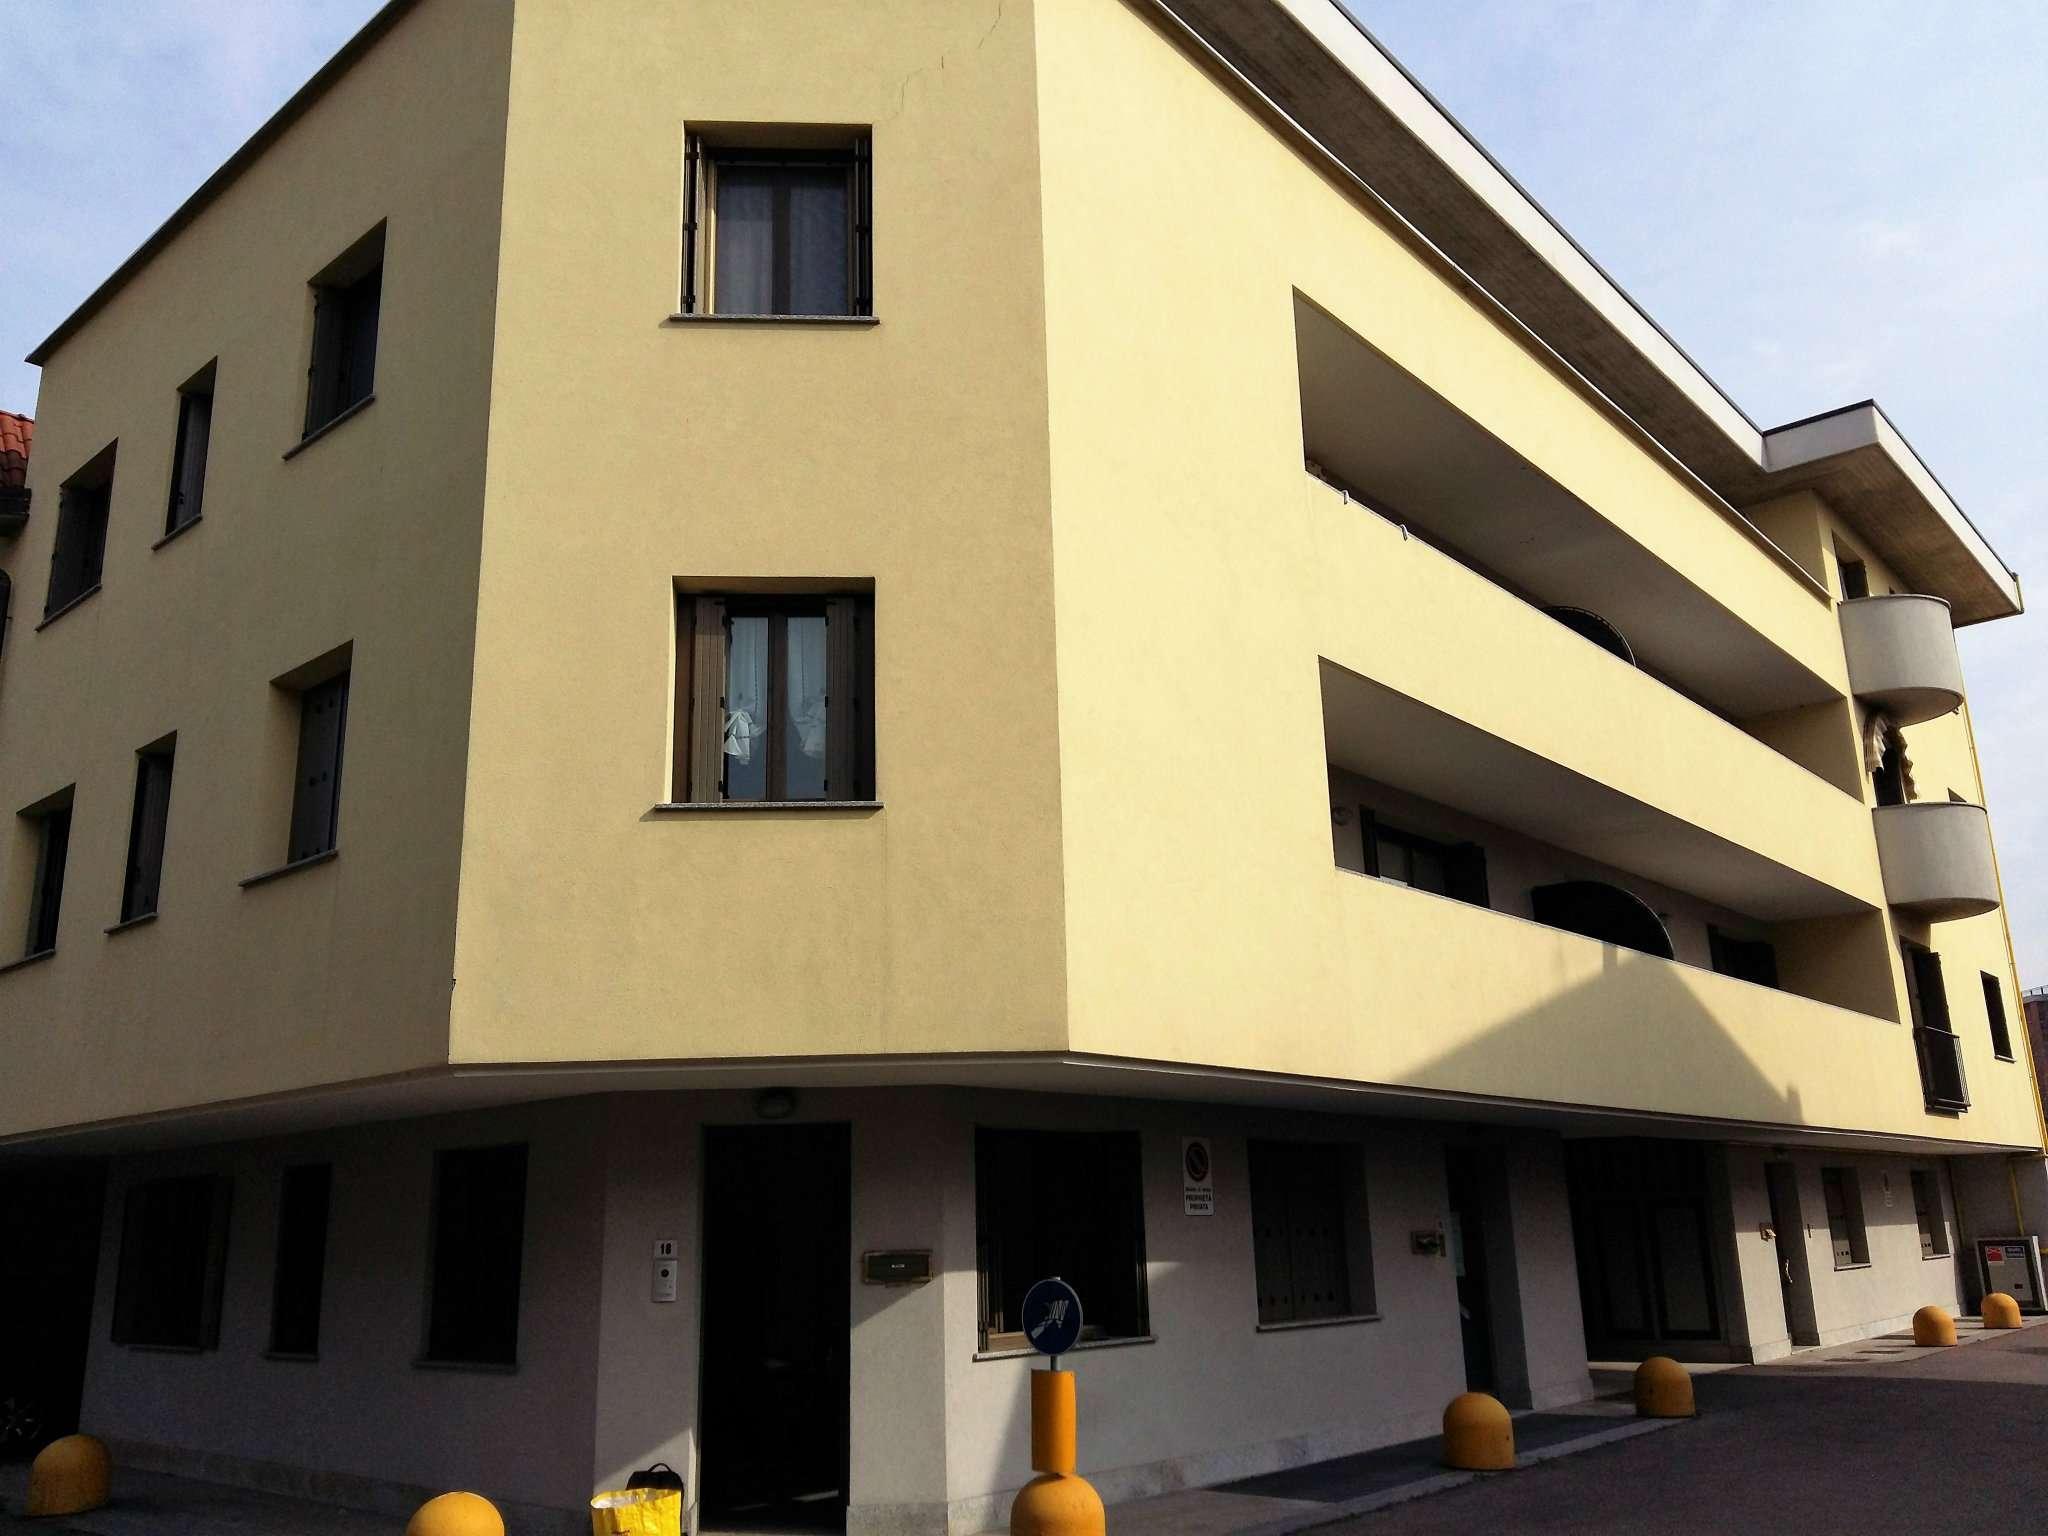 Ufficio / Studio in vendita a Garbagnate Milanese, 2 locali, prezzo € 98.000 | Cambio Casa.it